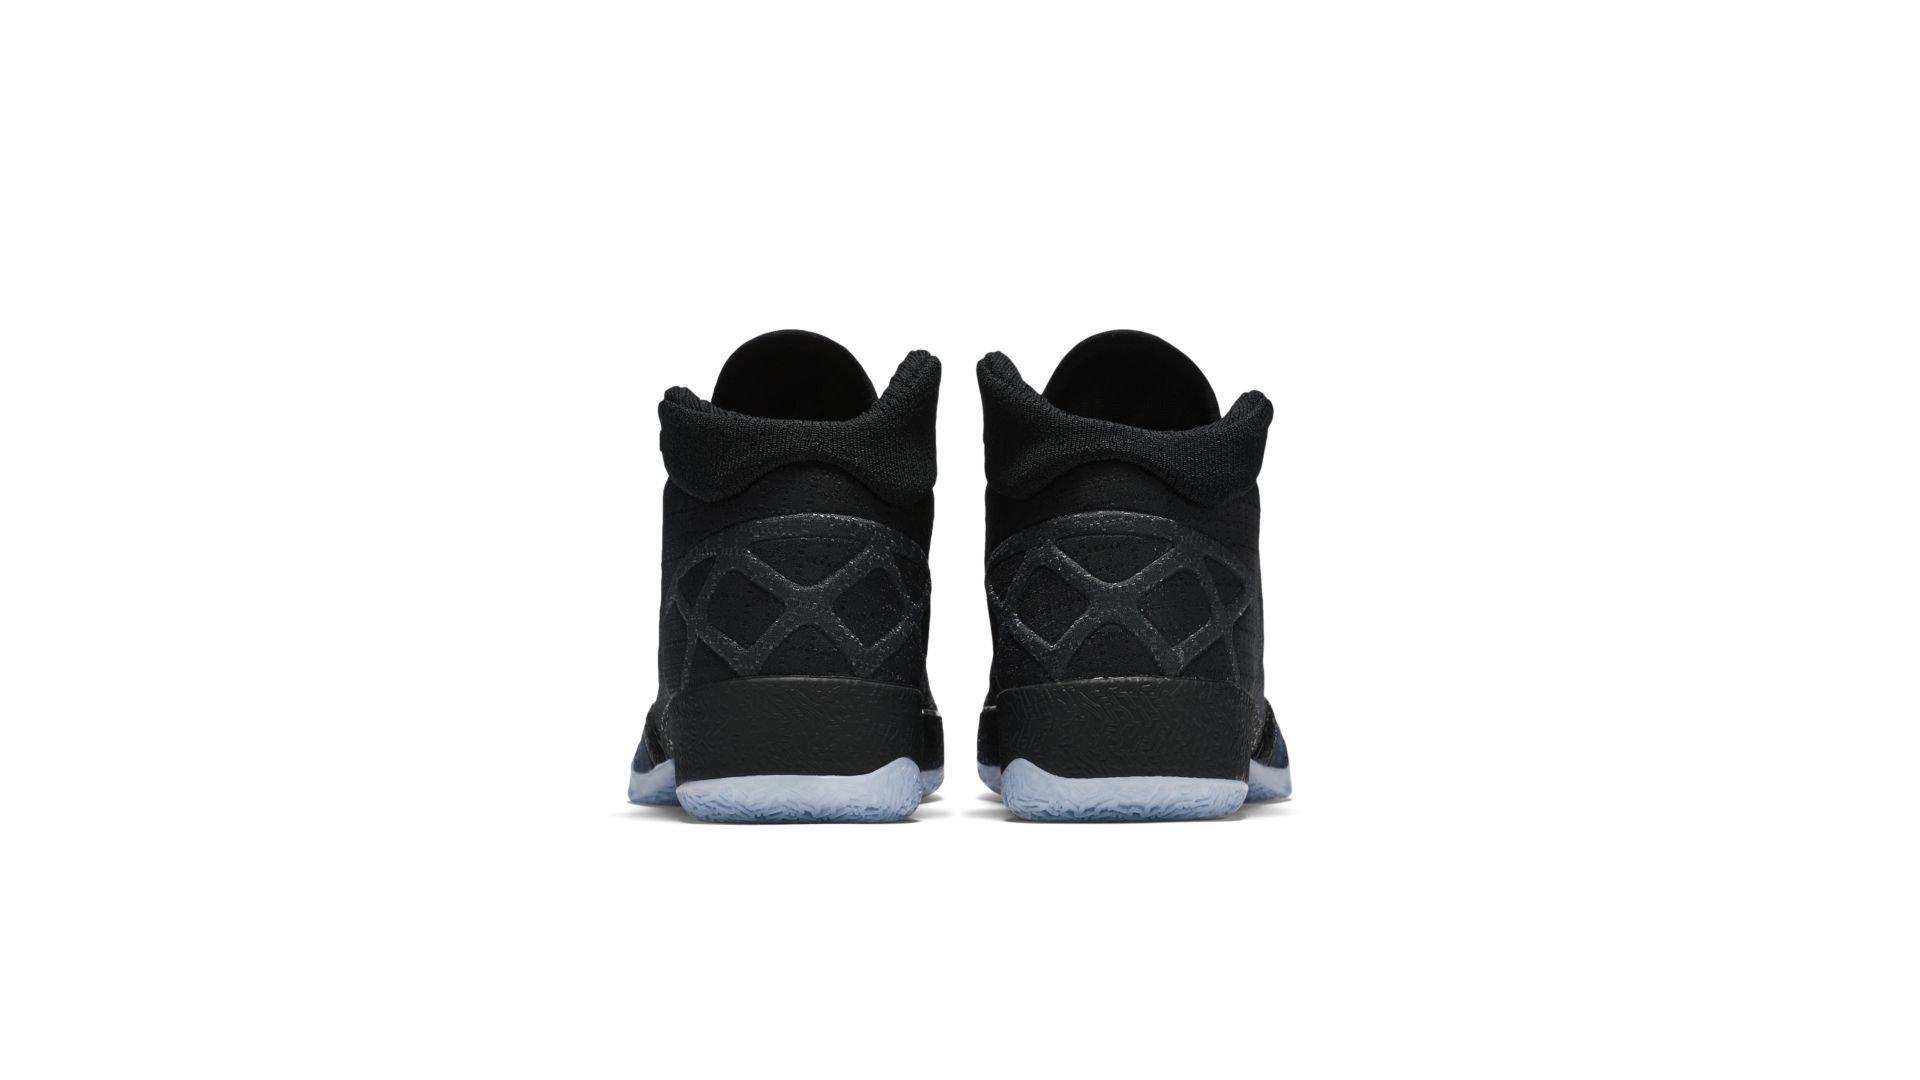 Jordan XXX Black Cat (811006-010)